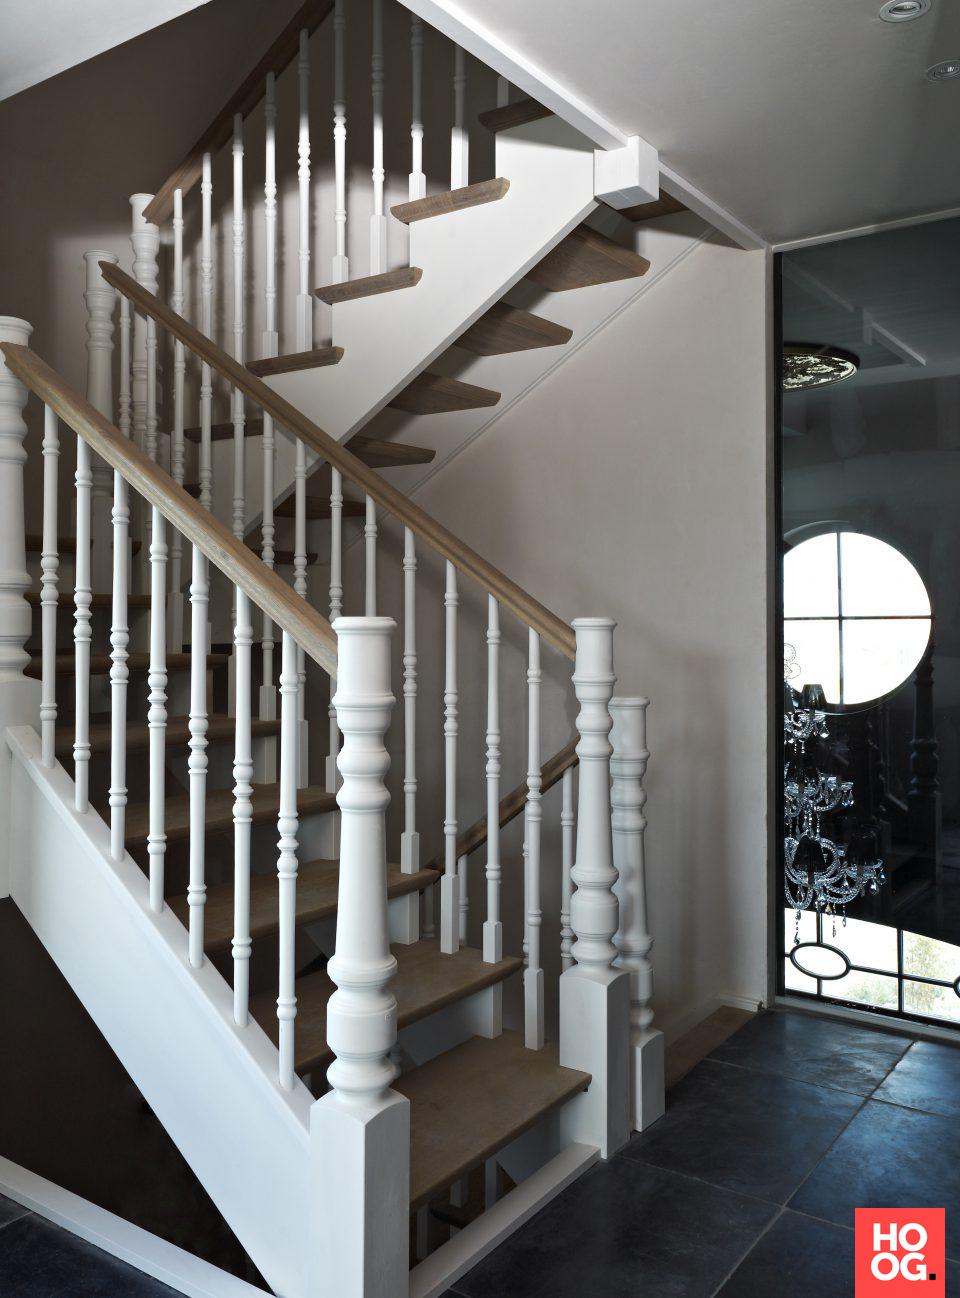 Klassieke trap met witte trapspijlen en houten treden | hal inrichting | interieur inspiratie | hallway ideas | Hoog.design #halinrichting